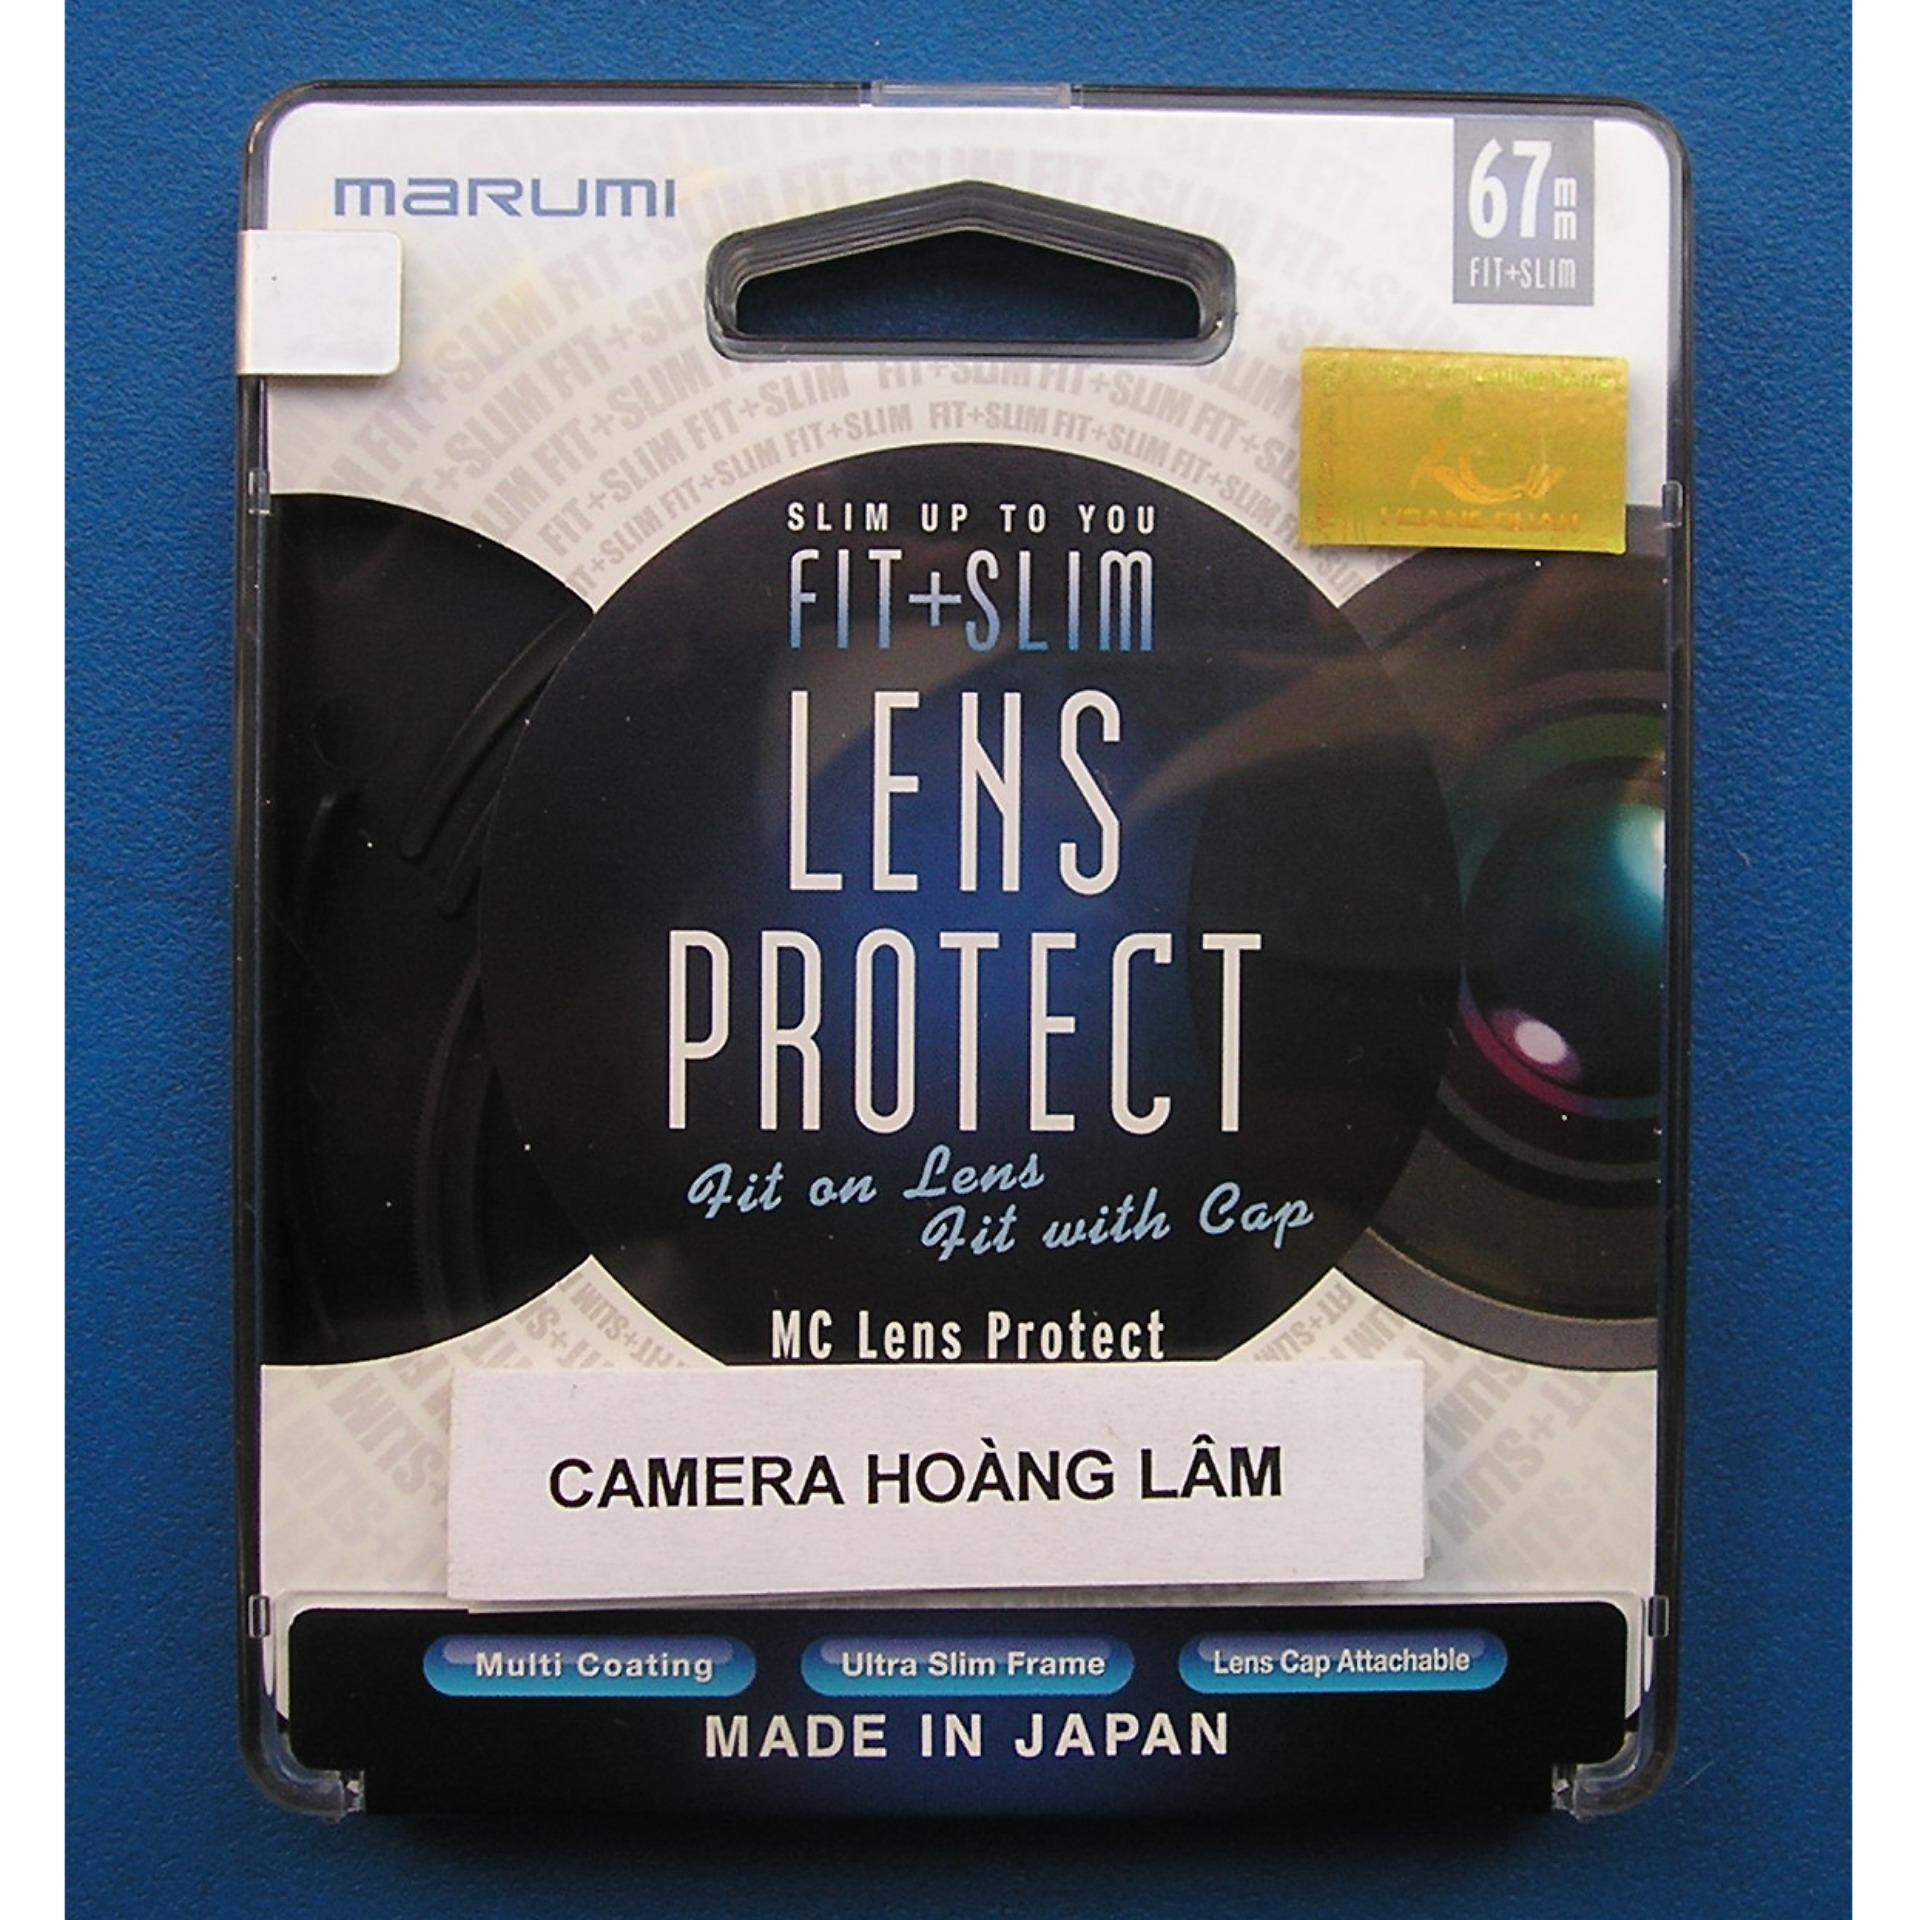 Kính lọc marumi fit & slim lens protect 67mm